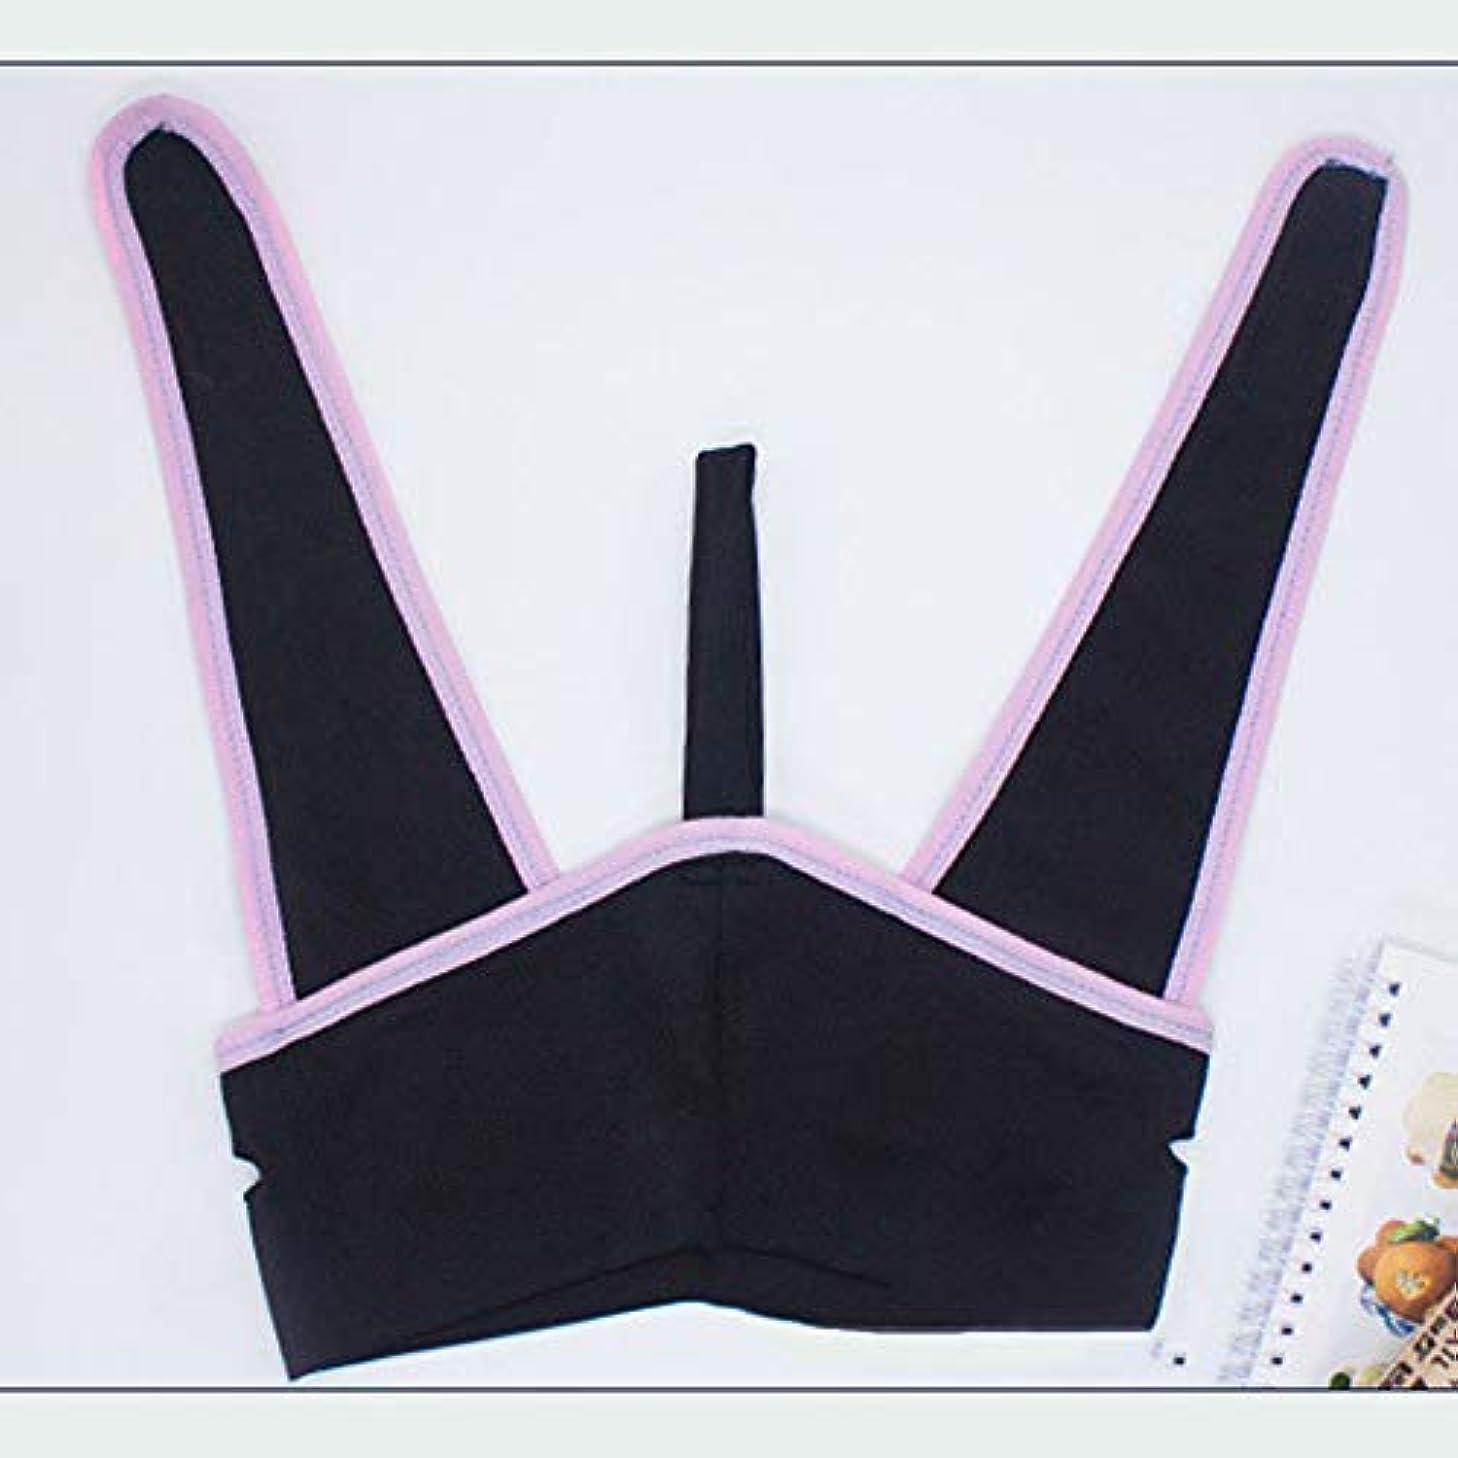 天気ビジョン増強するフェイスリフティング包帯、フェイスリフティングマスク/フェイスリフティングマスク/マスク包帯リフティング引き締めフェイスリフト二重あご女性抗脂肪,L